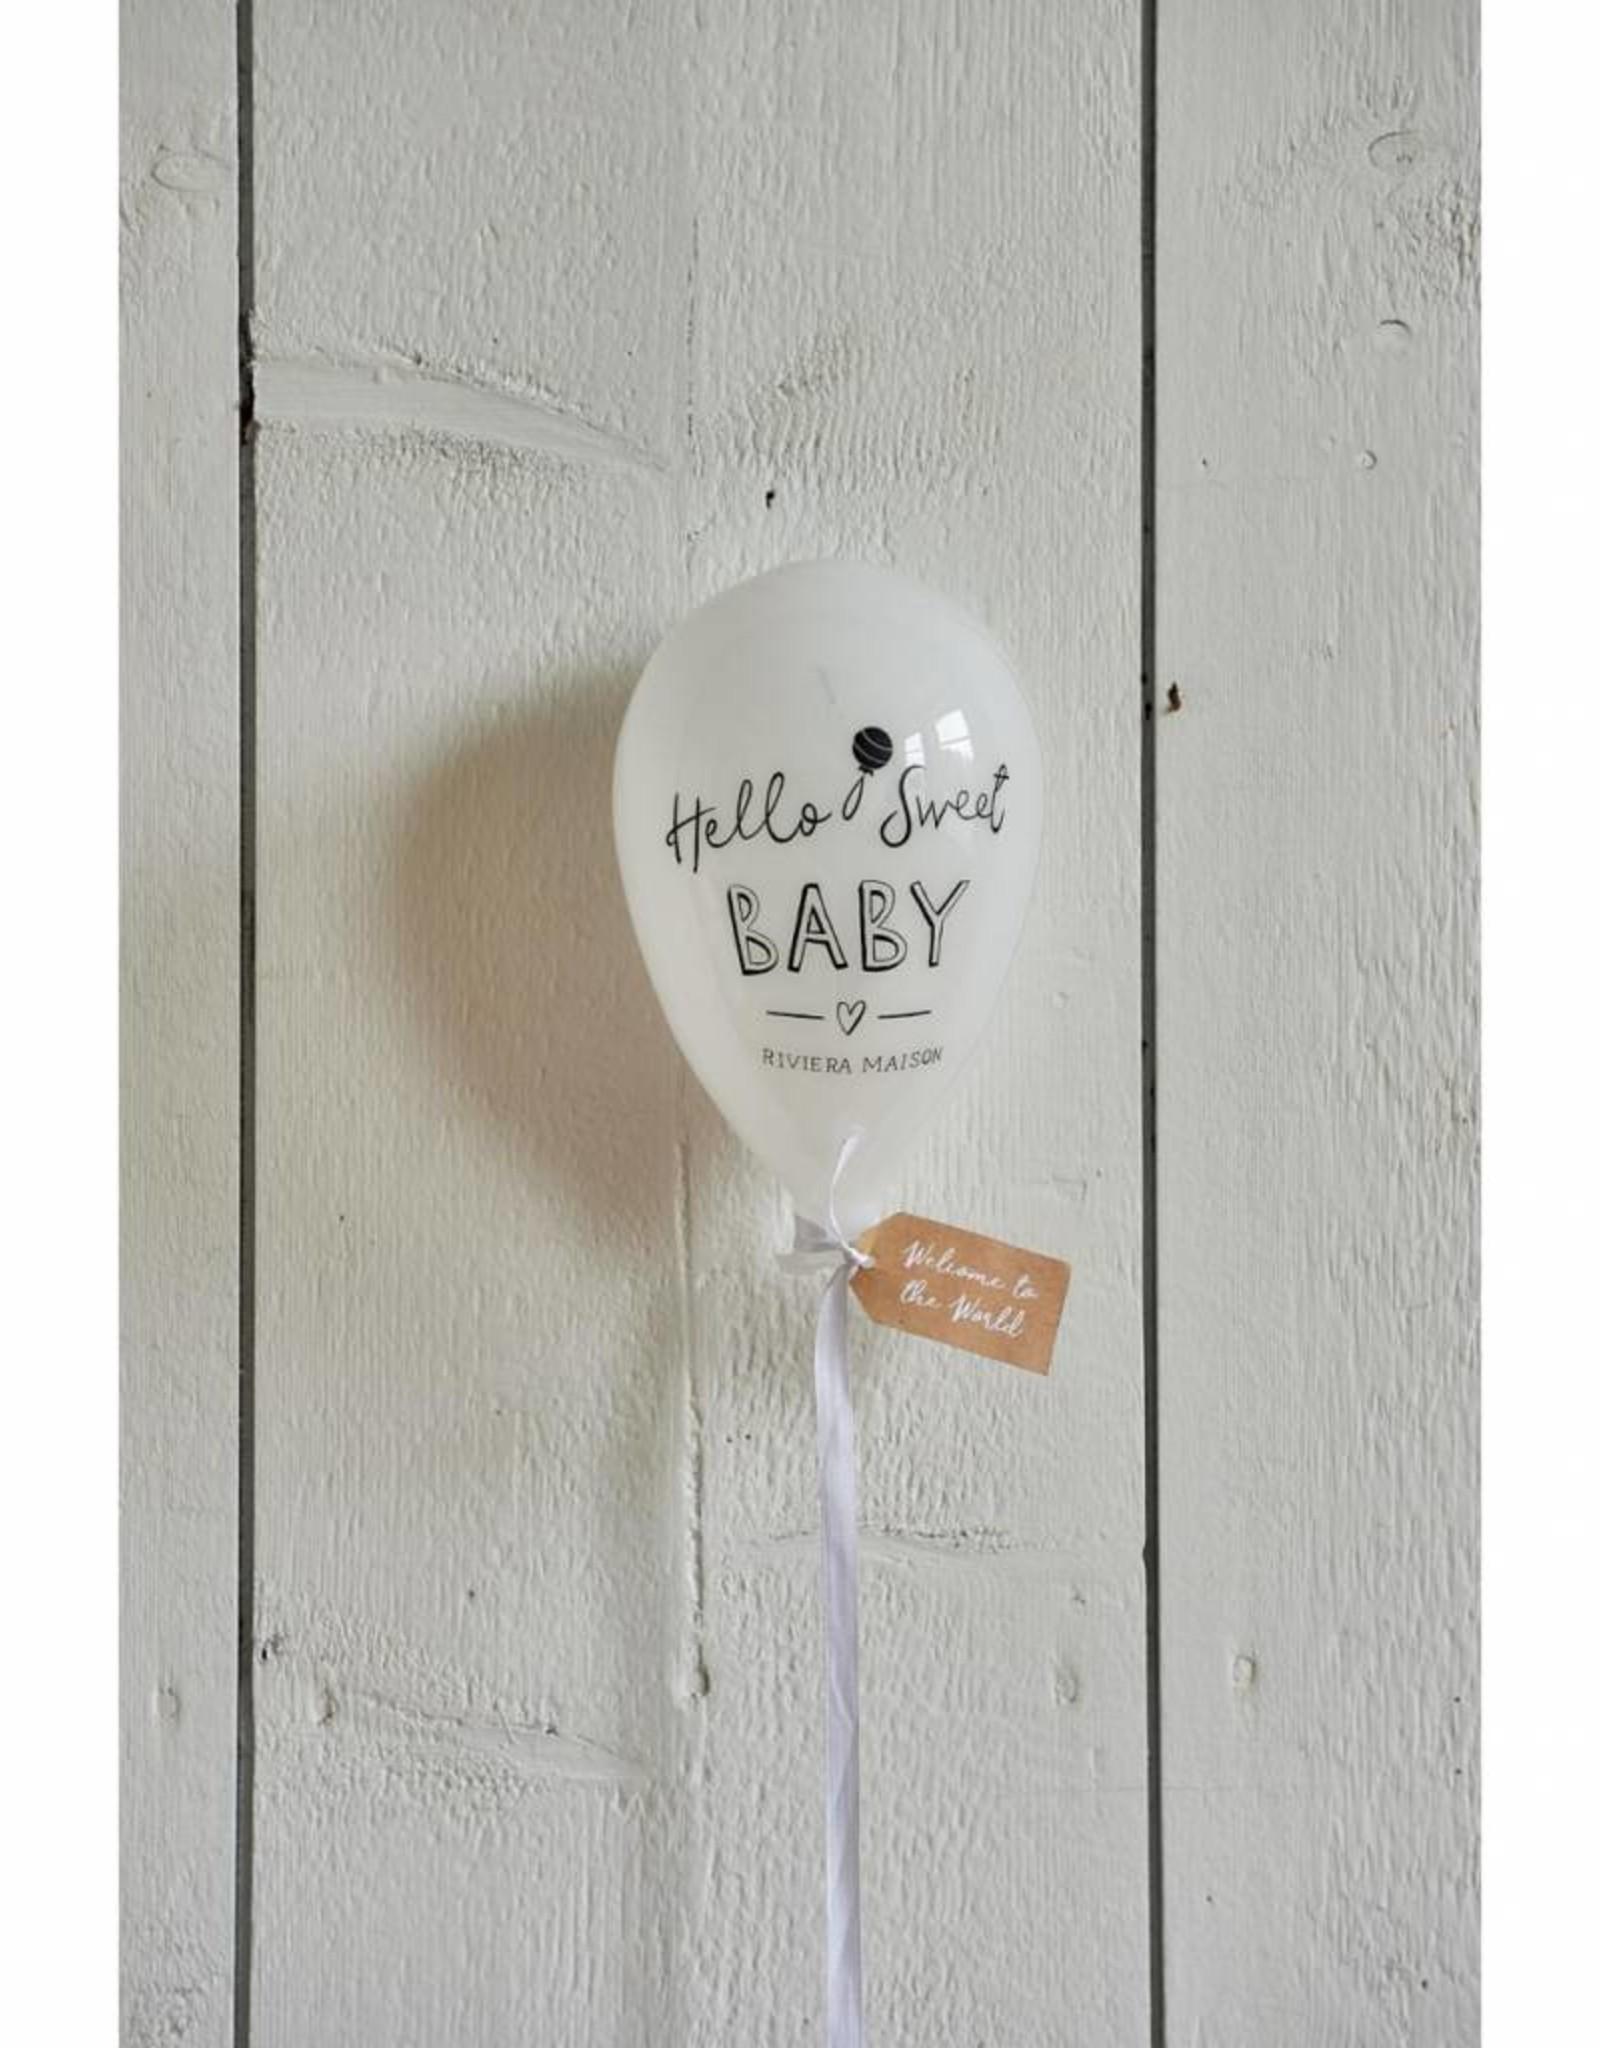 Riviera Maison Hello Sweet Baby Balloon